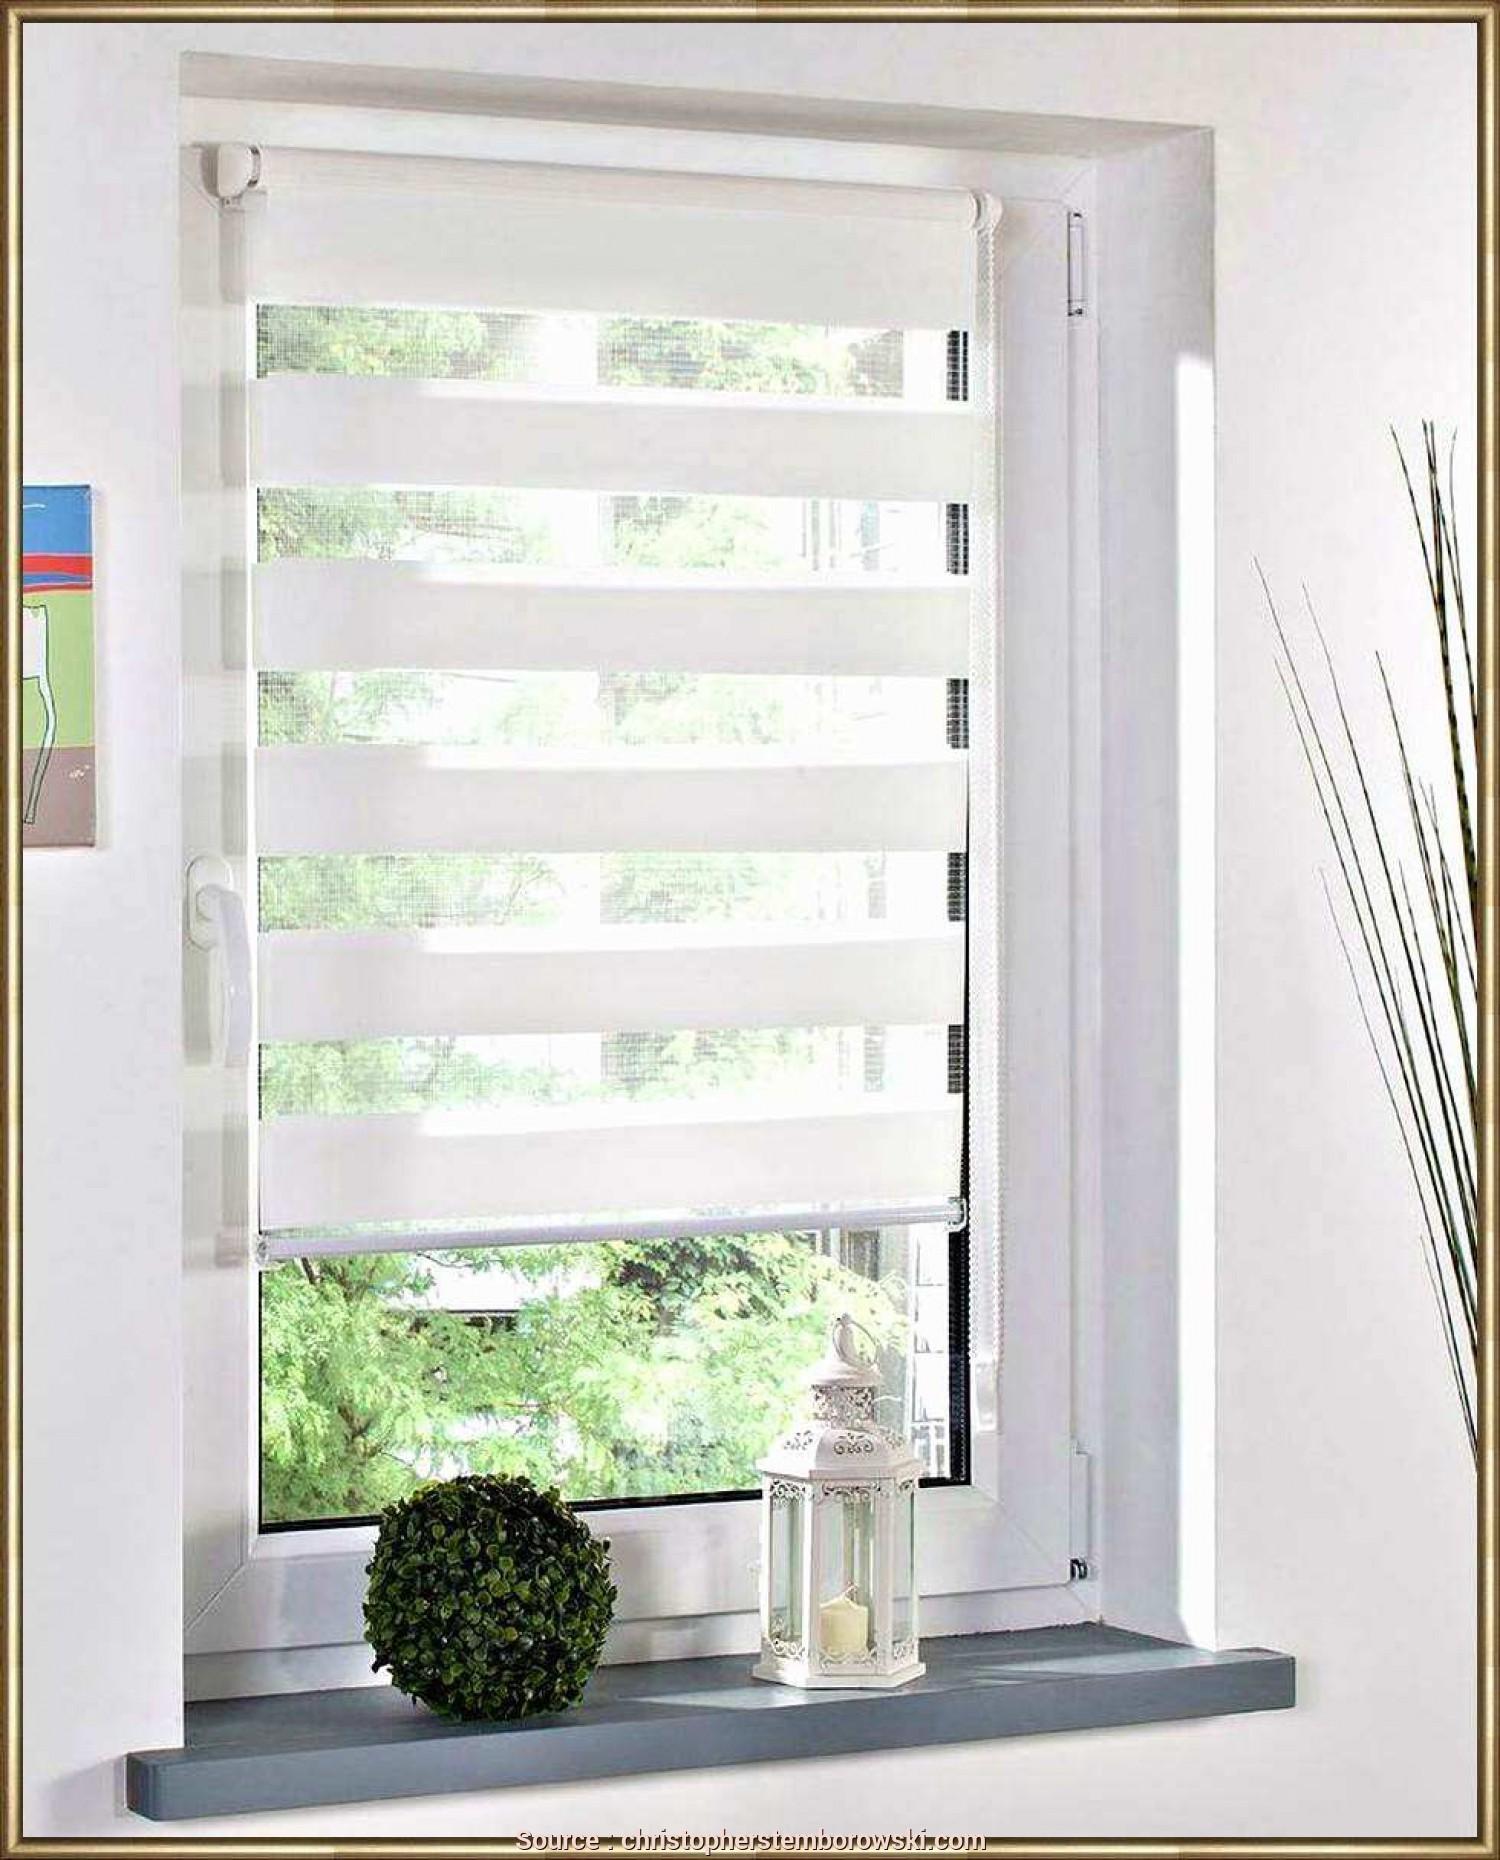 Full Size of Fensterfolie Ikea Anbringen Statische Blickdicht Sichtschutz Bad Miniküche Betten Bei Sofa Mit Schlaffunktion Küche Kosten Kaufen 160x200 Modulküche Wohnzimmer Fensterfolie Ikea